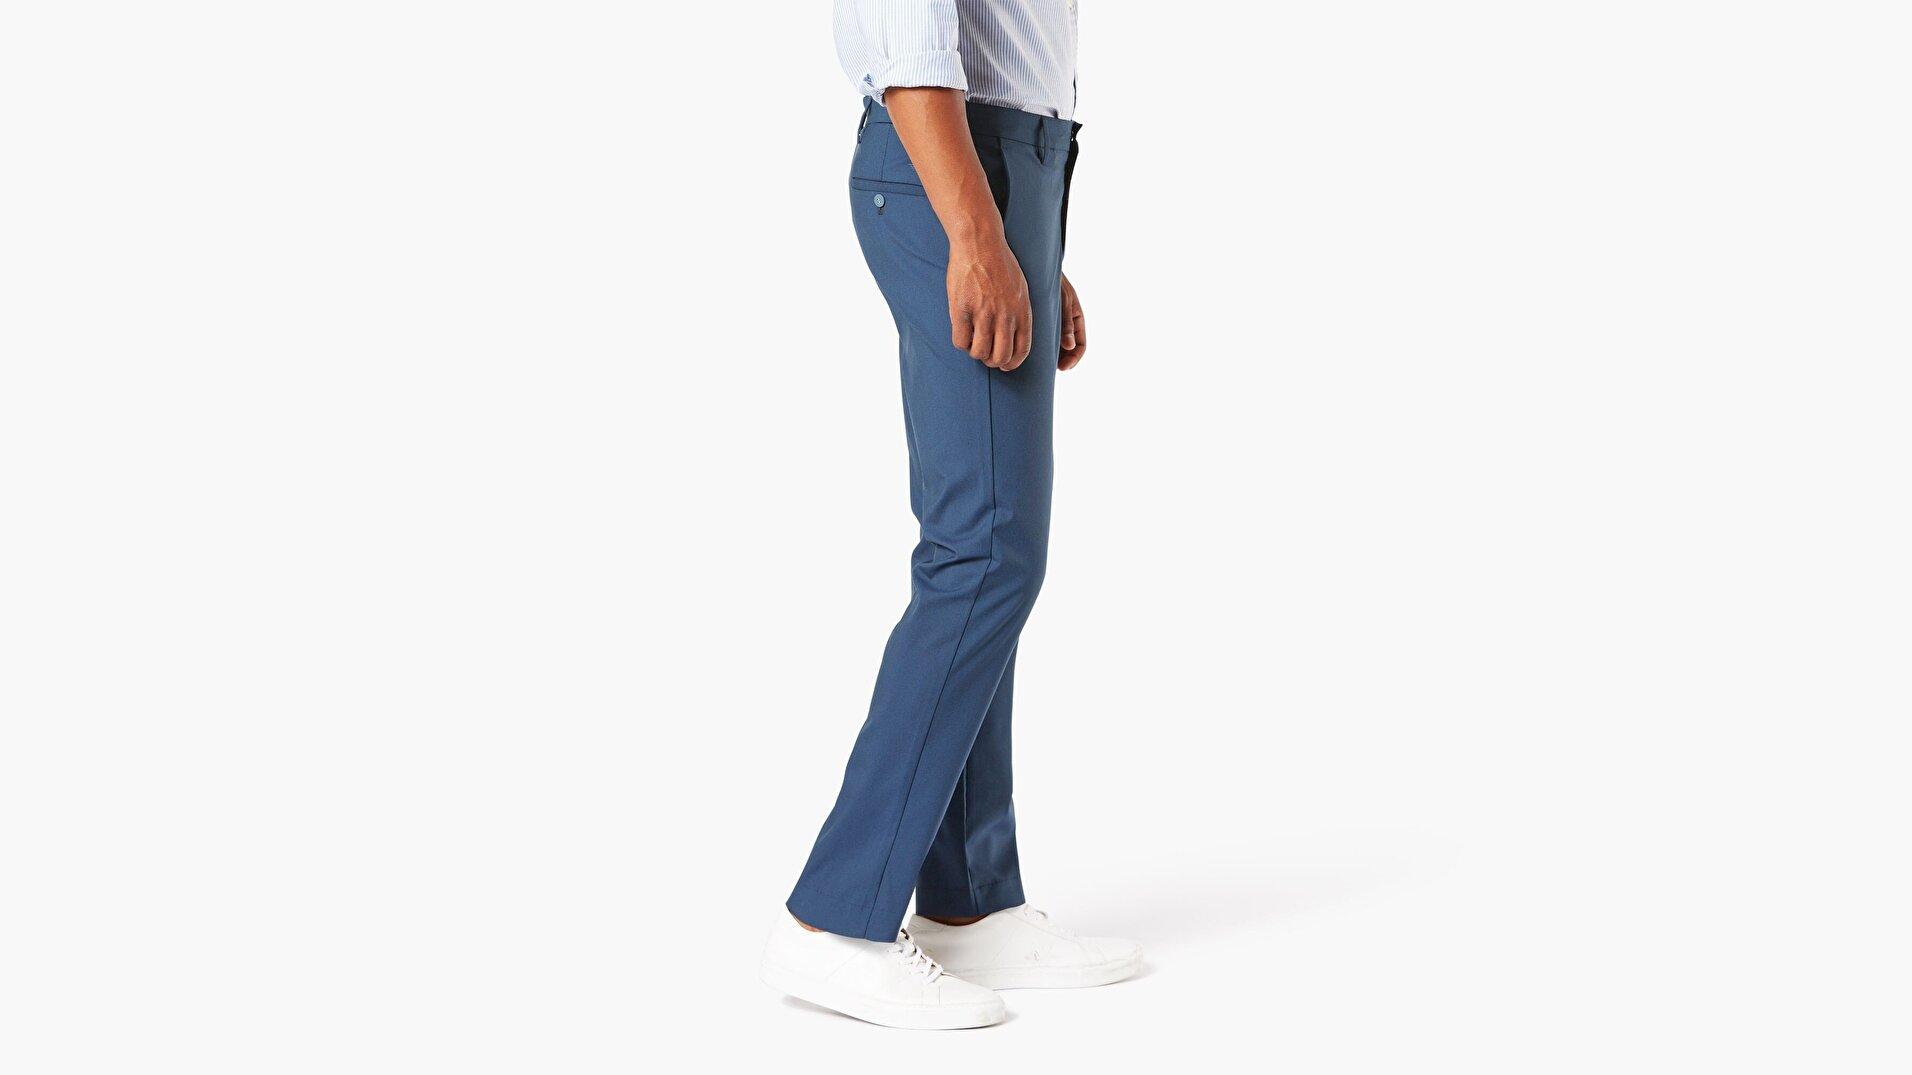 Ace Tech Pant, Slim Fit